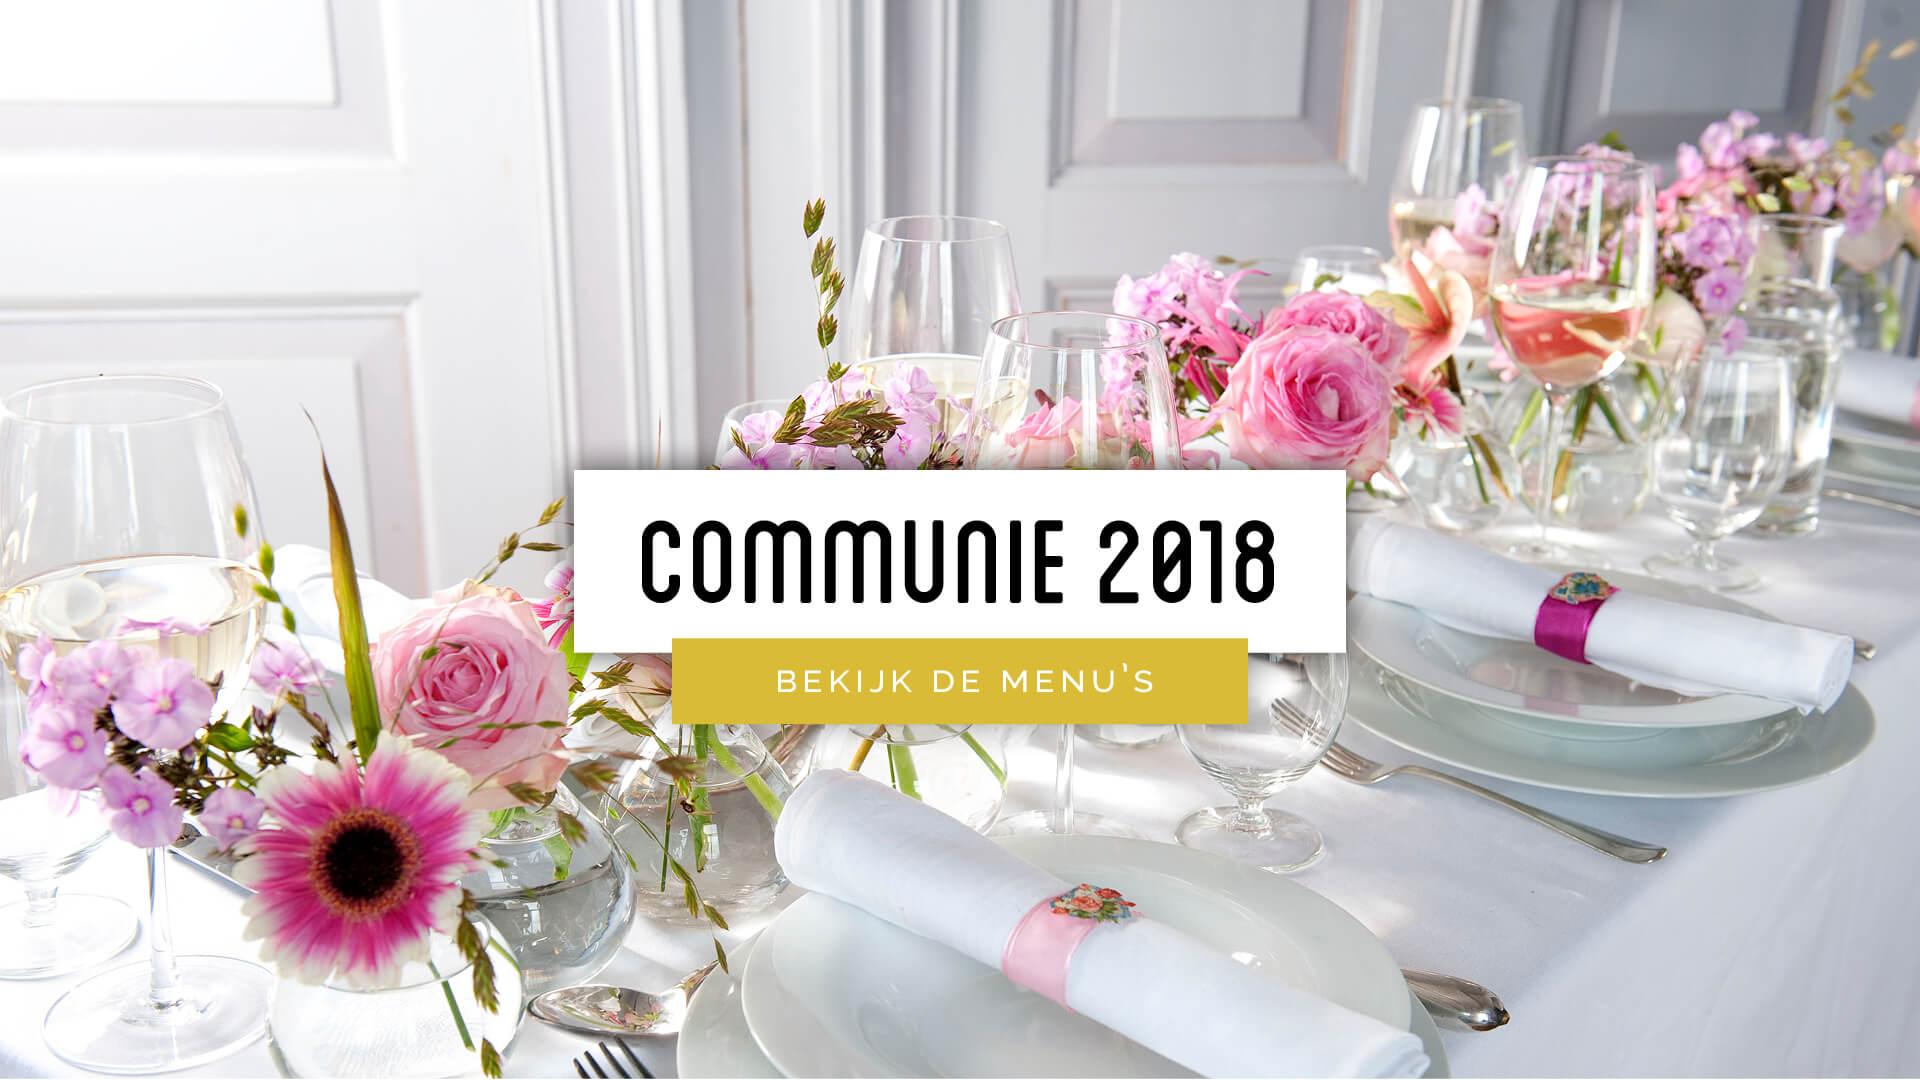 Traiteur Vincent - communie - feest - menu